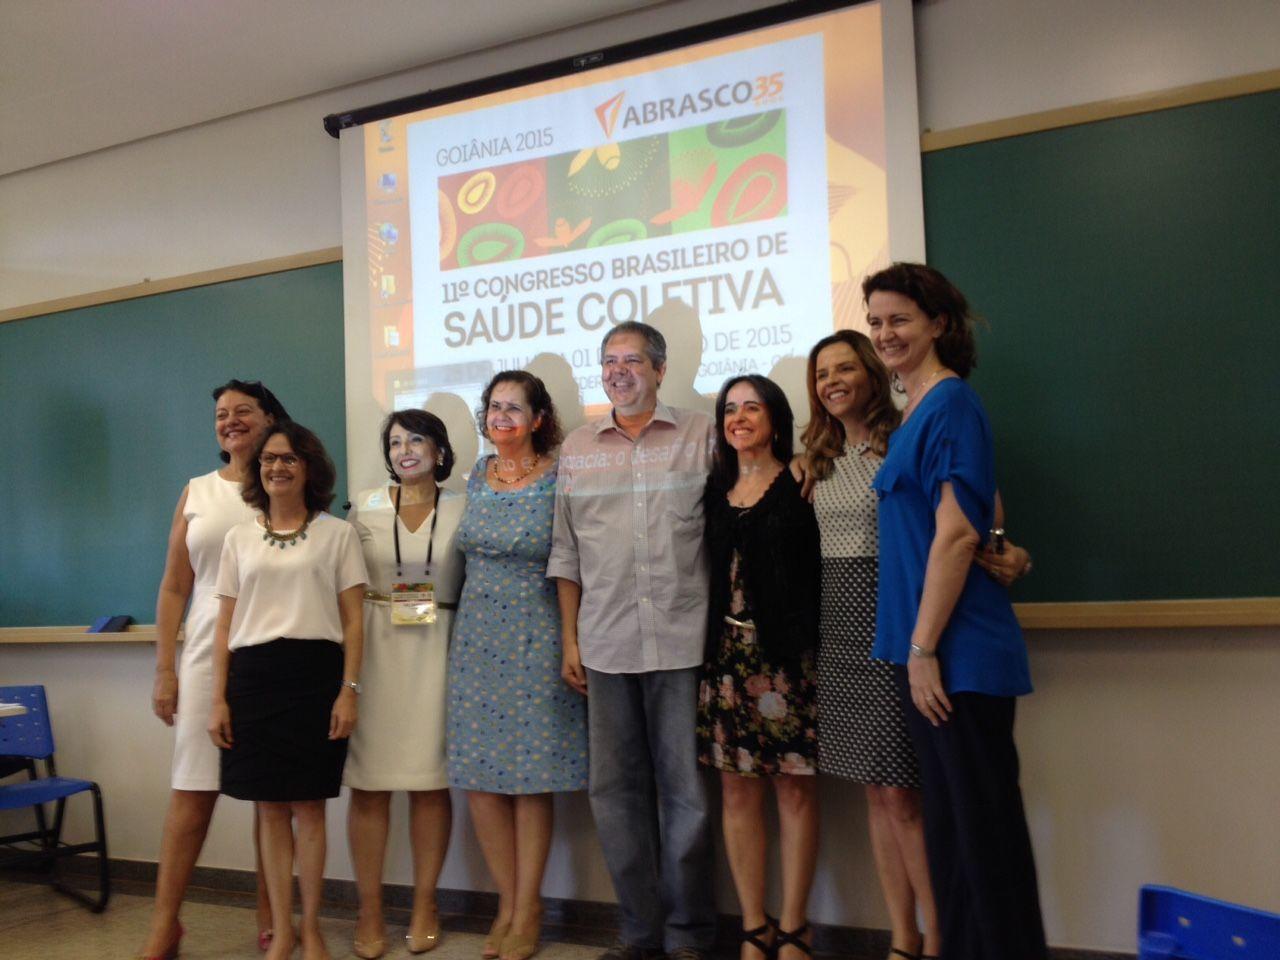 RGPTB n o 11º Congresso Brasileiro de Saúde Coletiva/ABRASCÃO - 2015